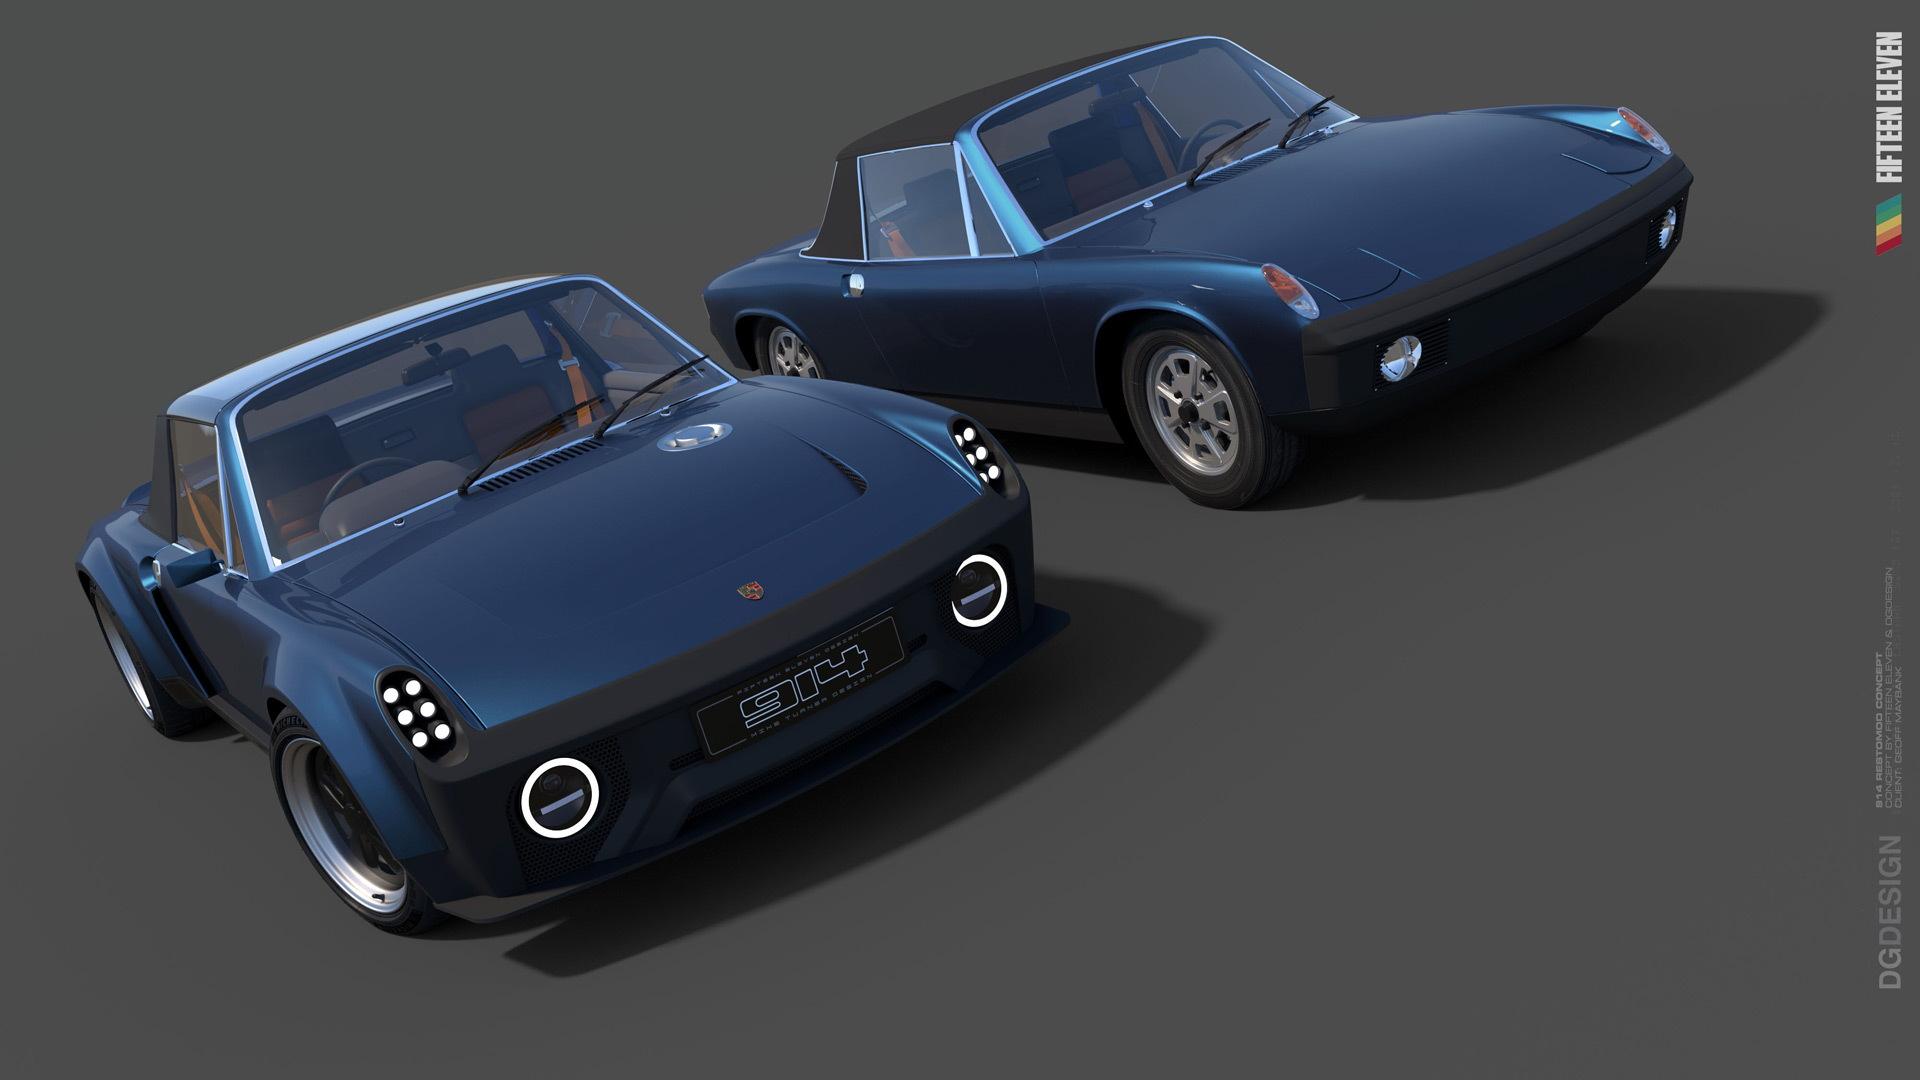 1975 Porsche 914 restomod by Fifteen Eleven Design